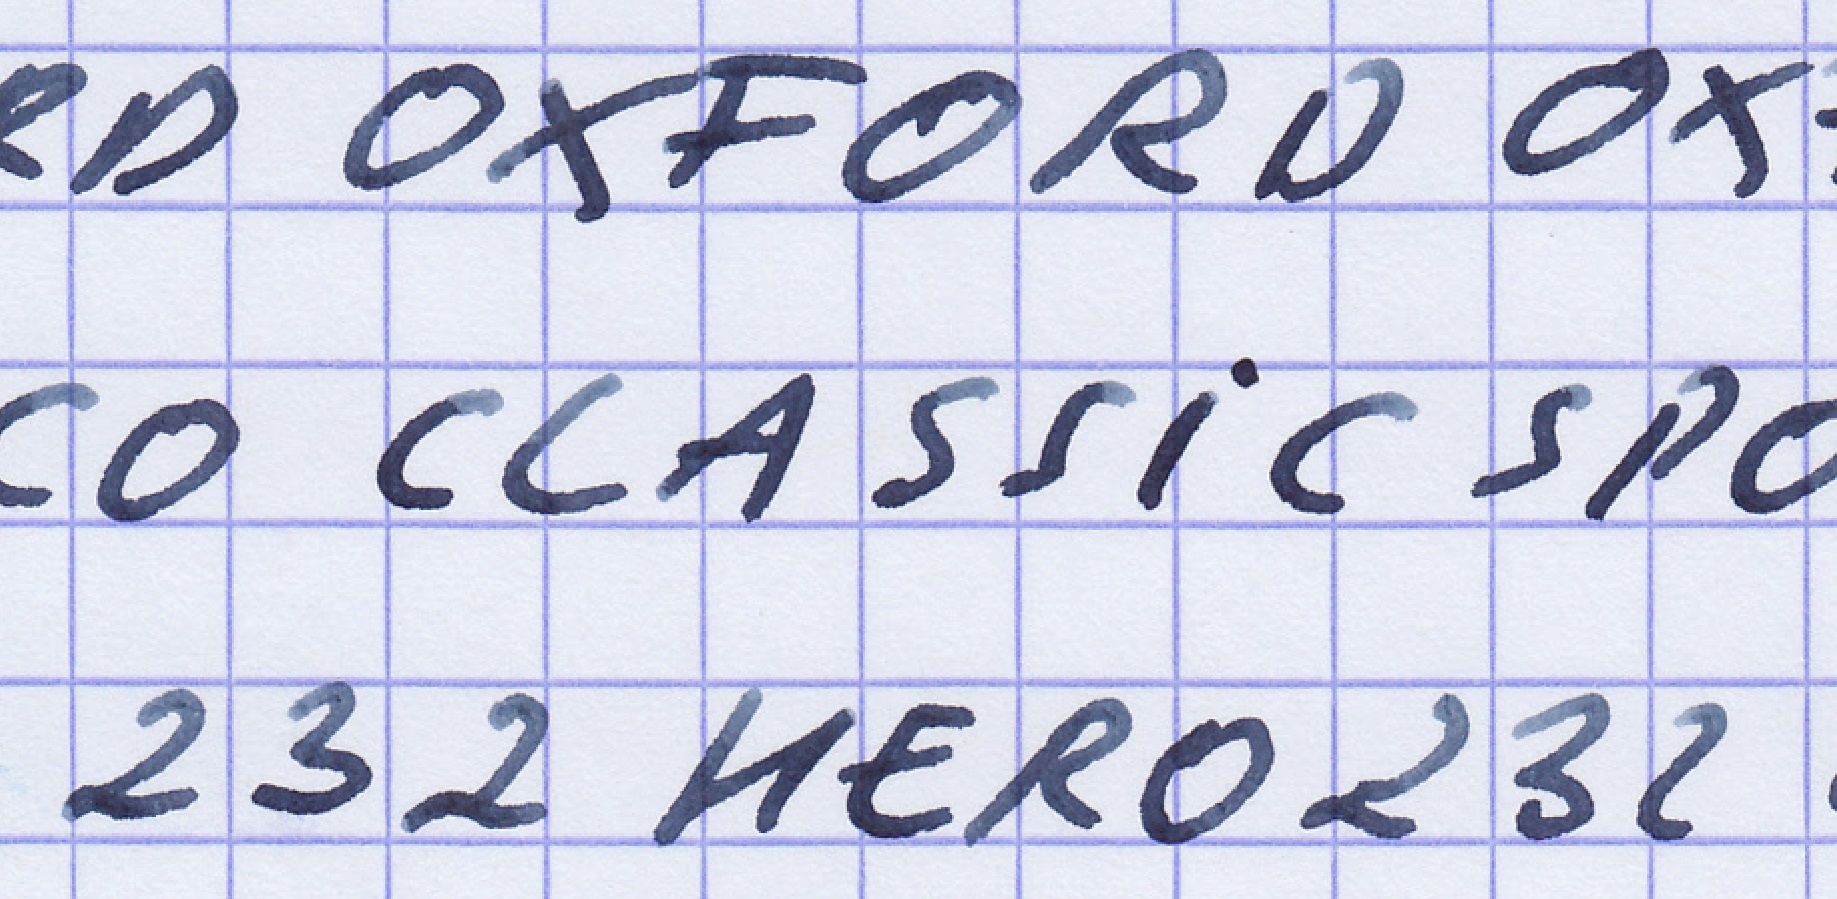 fpn_1491236470__hero232_ox2.jpg